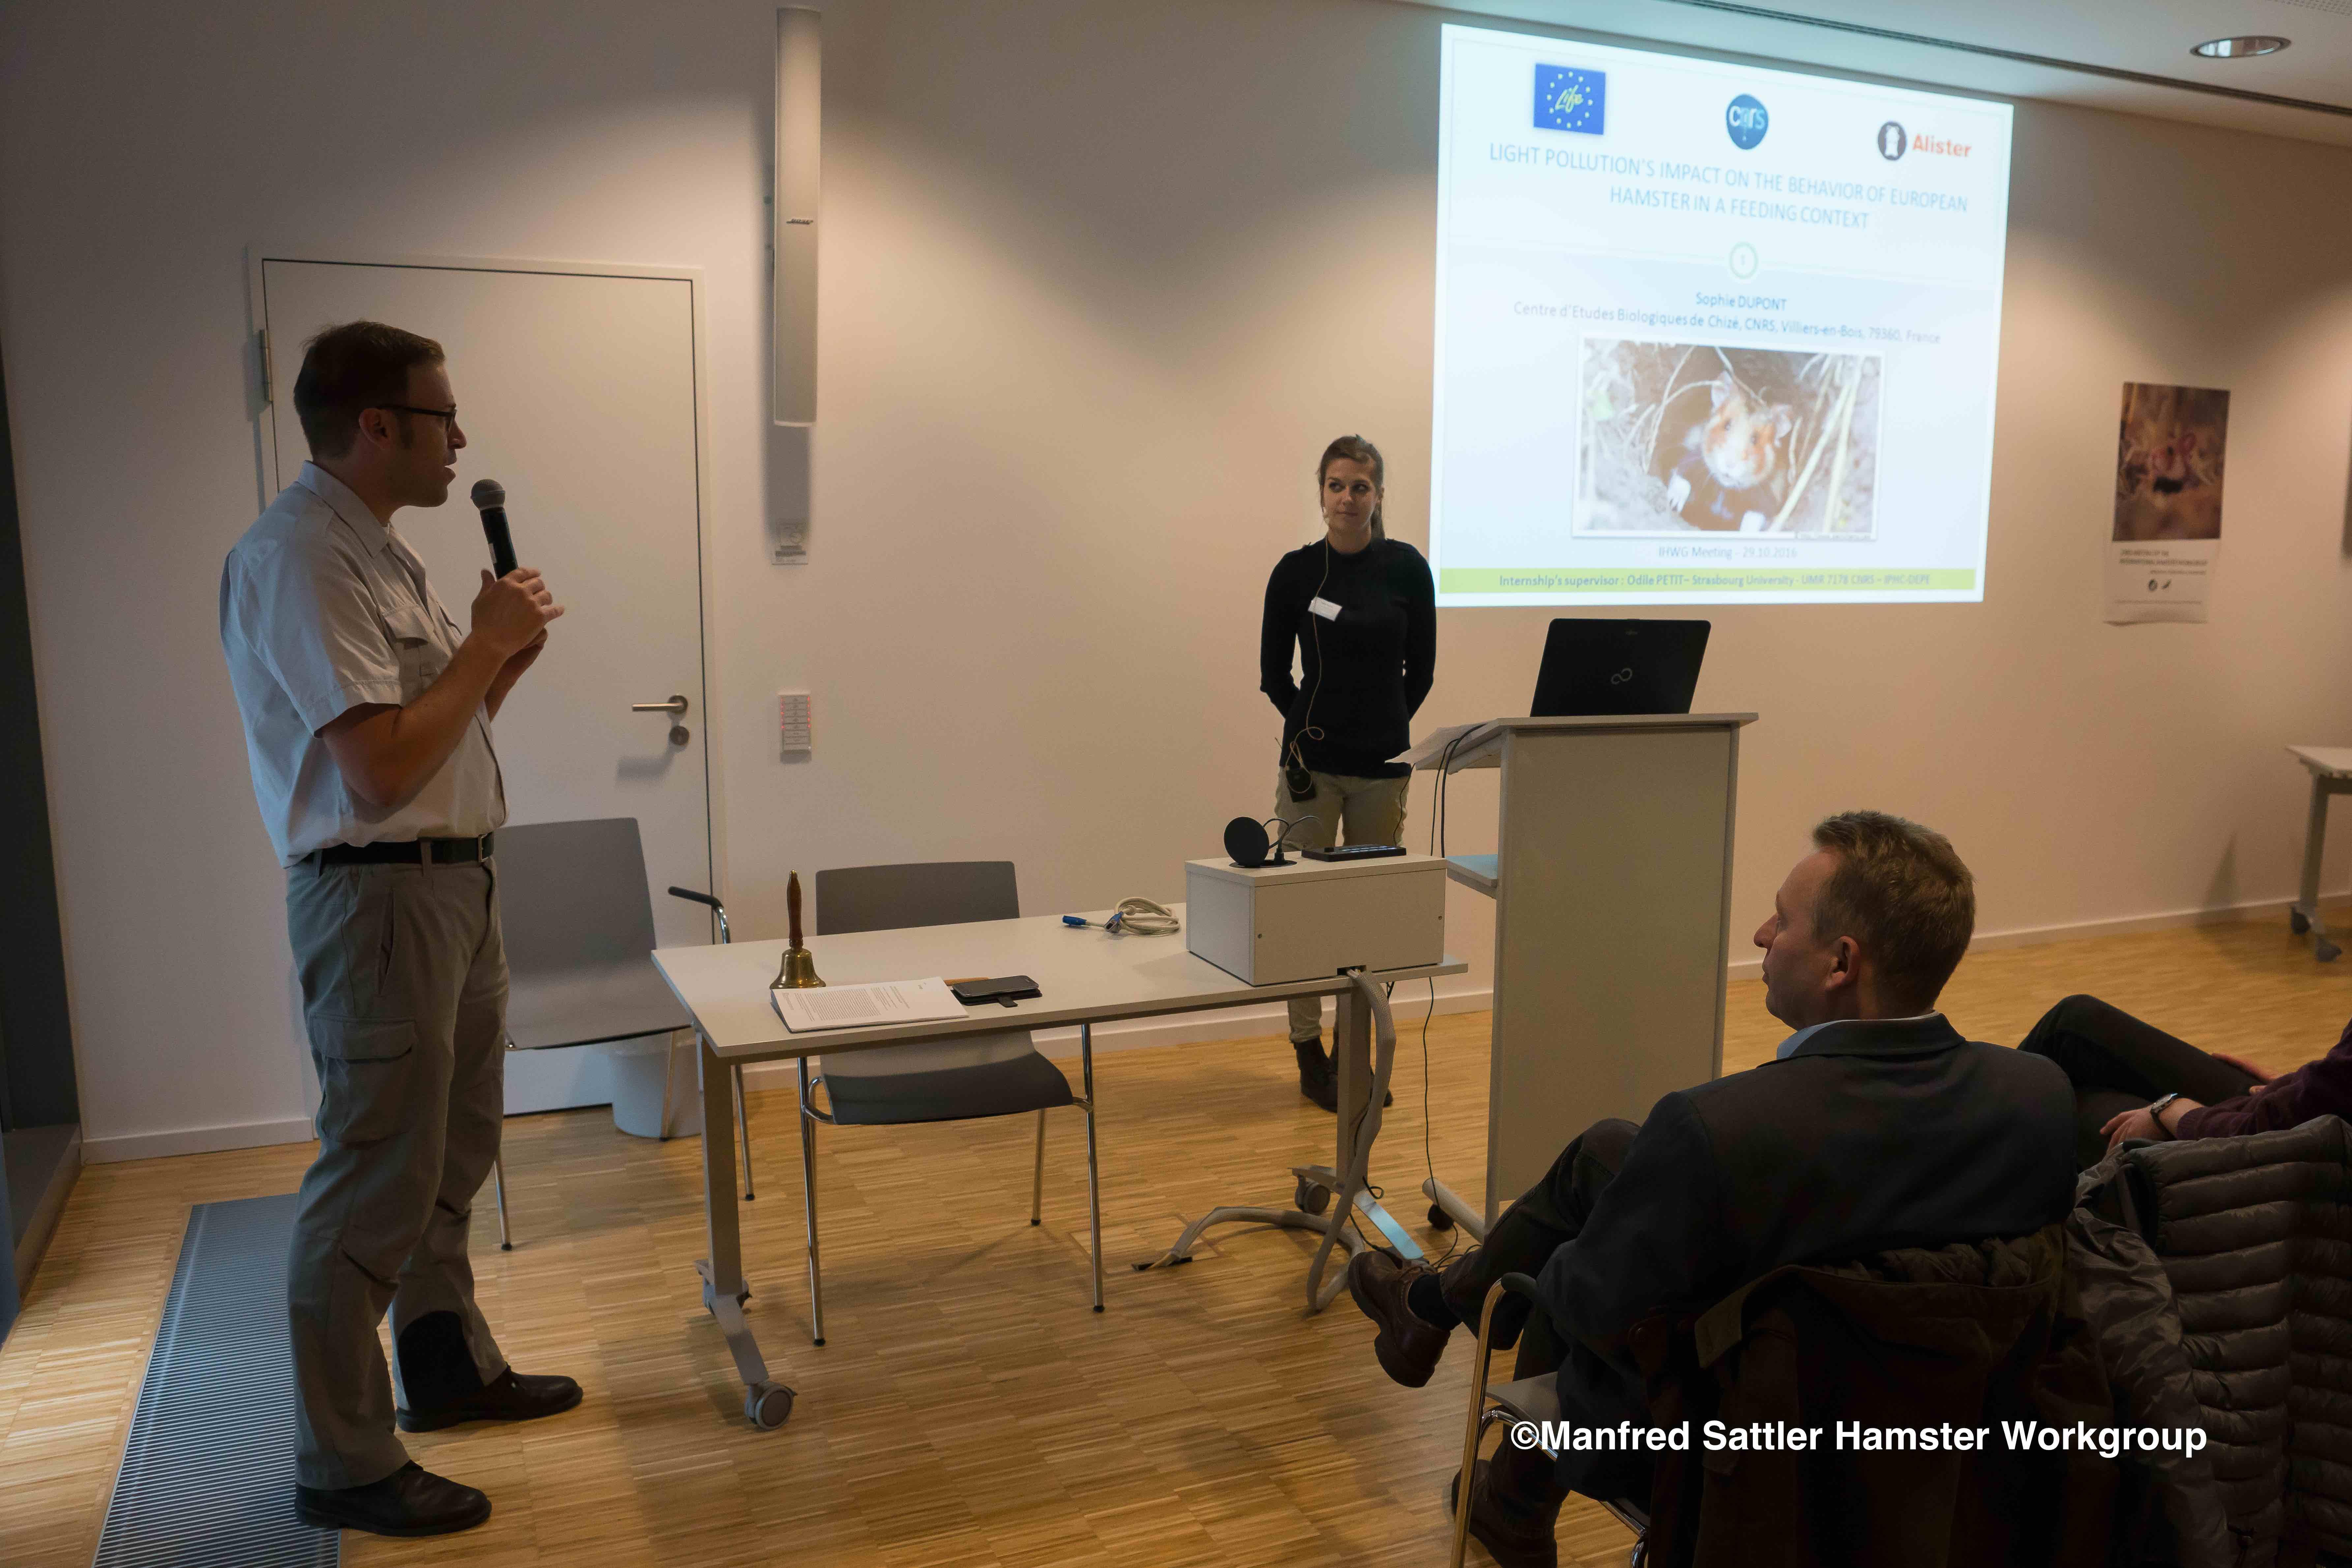 hamsterworkgroup_Manfred Sattler (2)